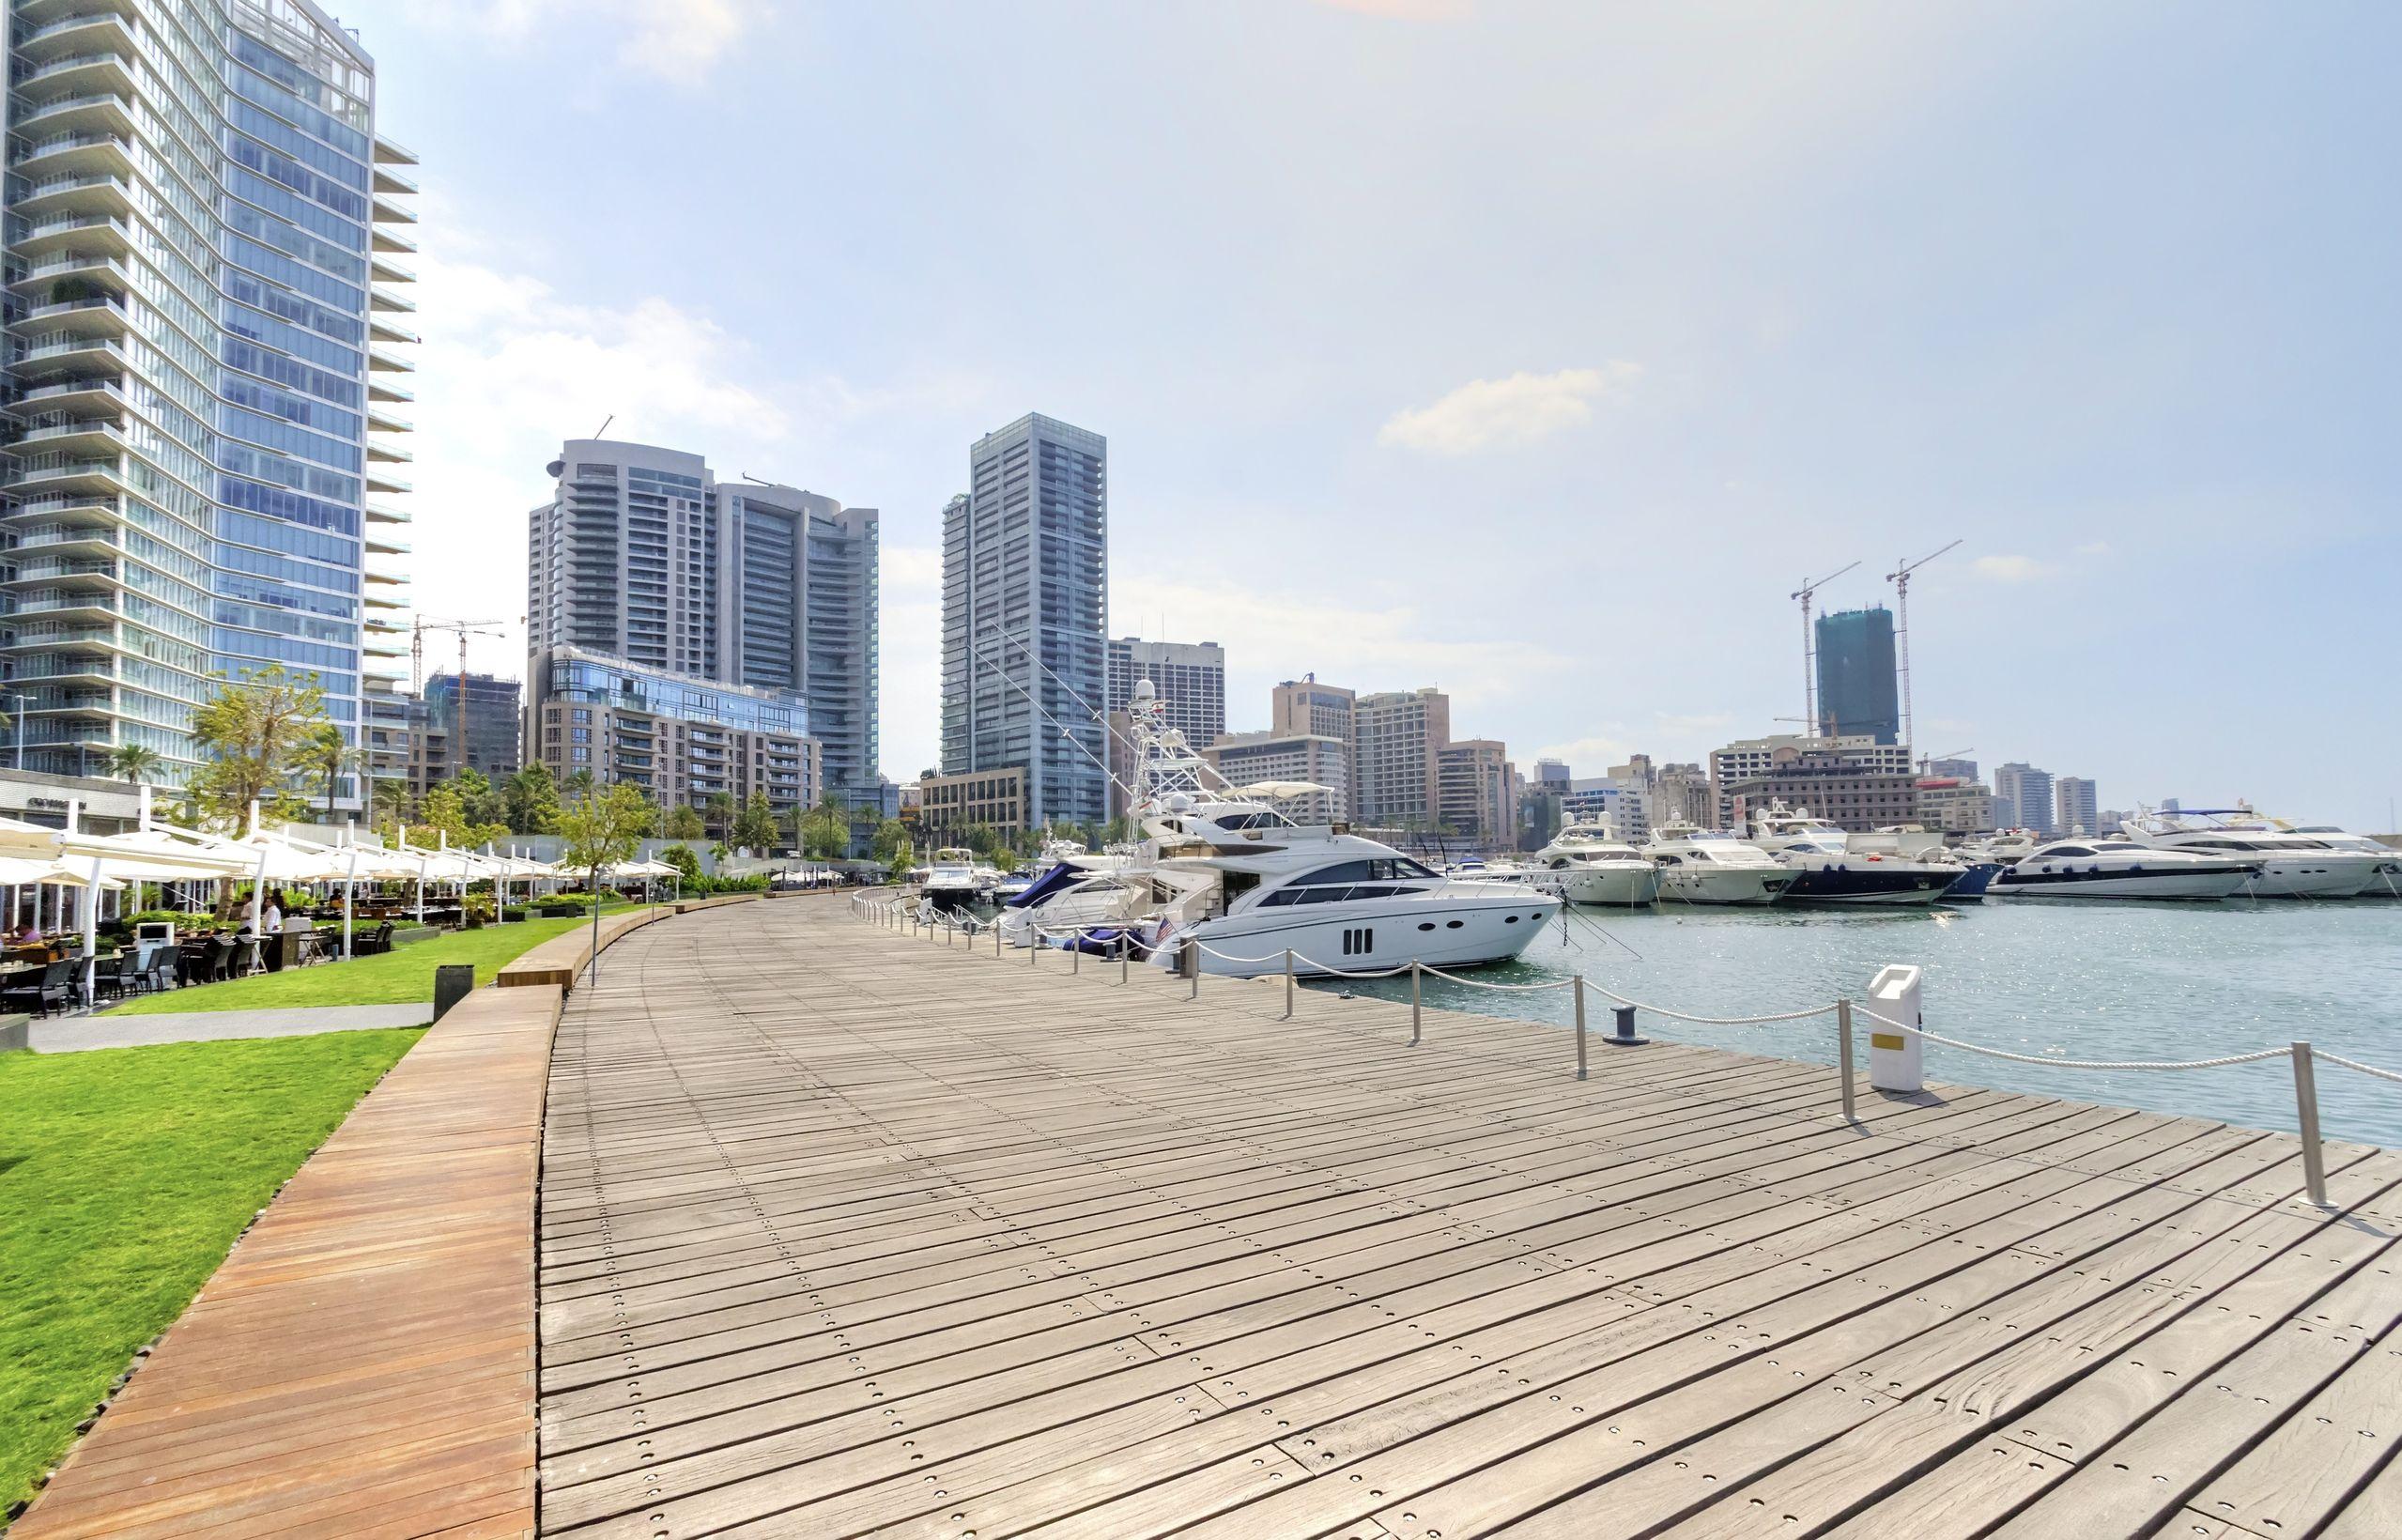 Zaitouna Bay Beirut